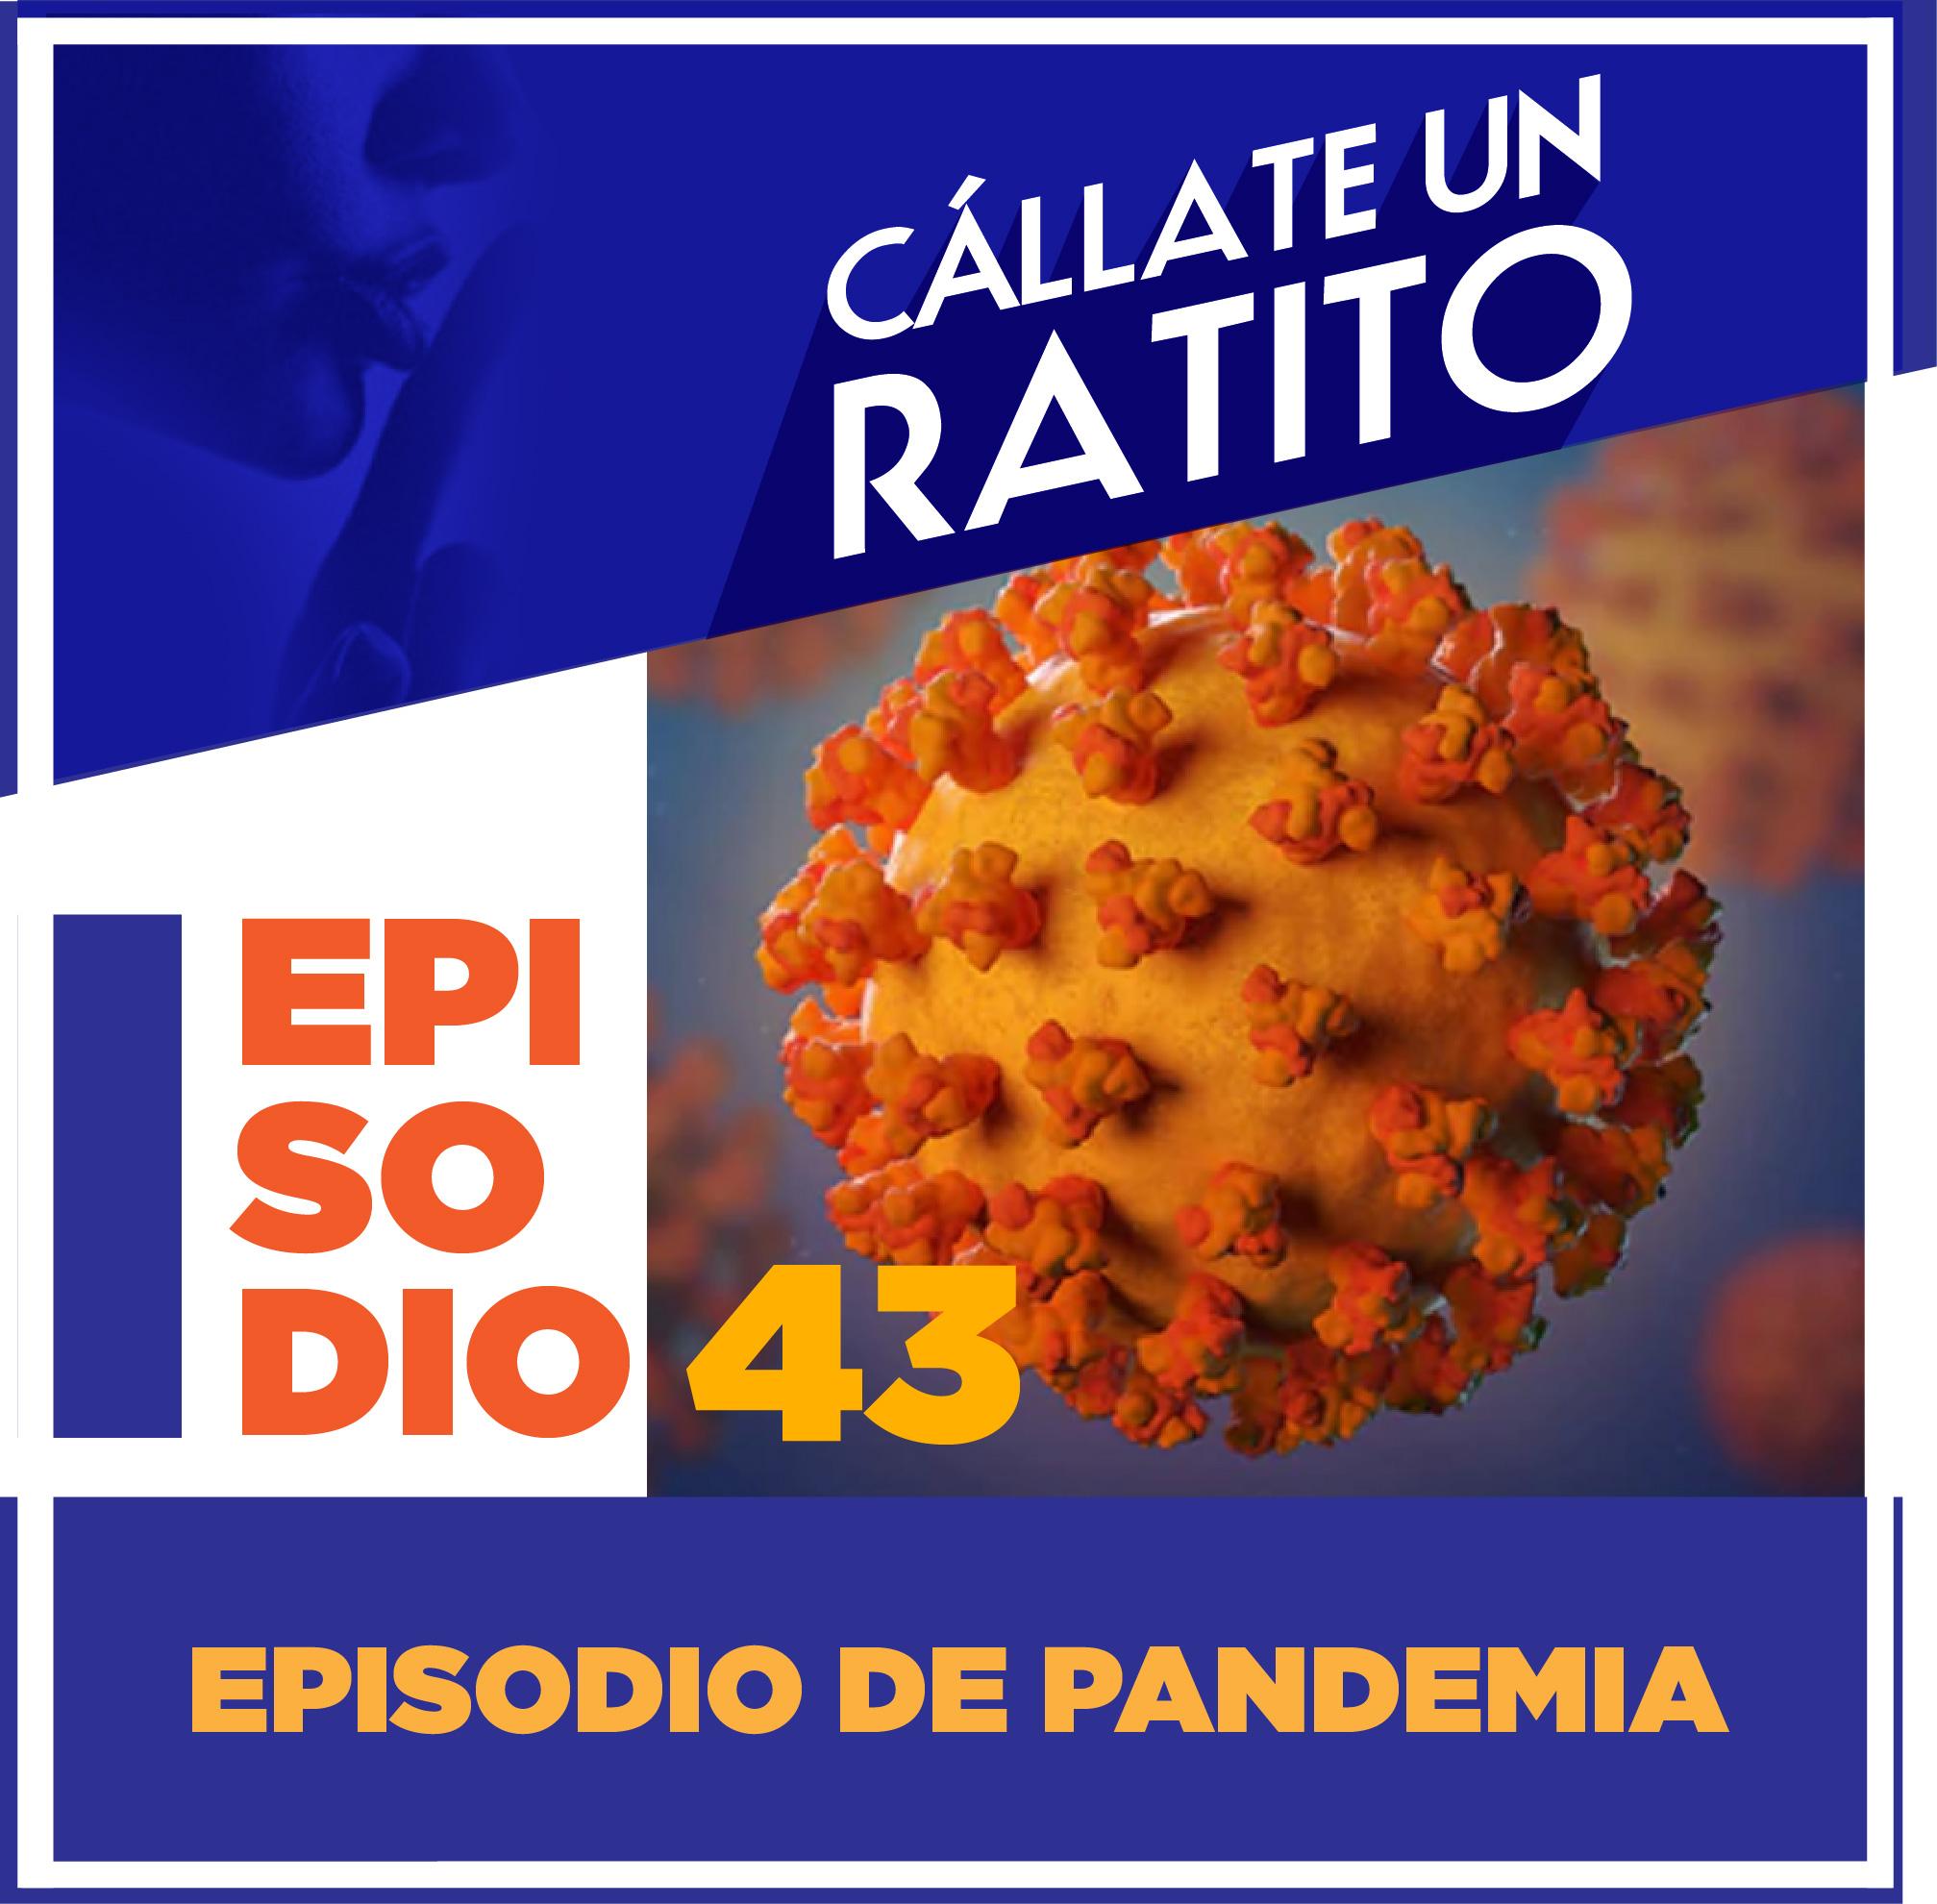 Episodio 43 Pandemia – Cállate un ratito